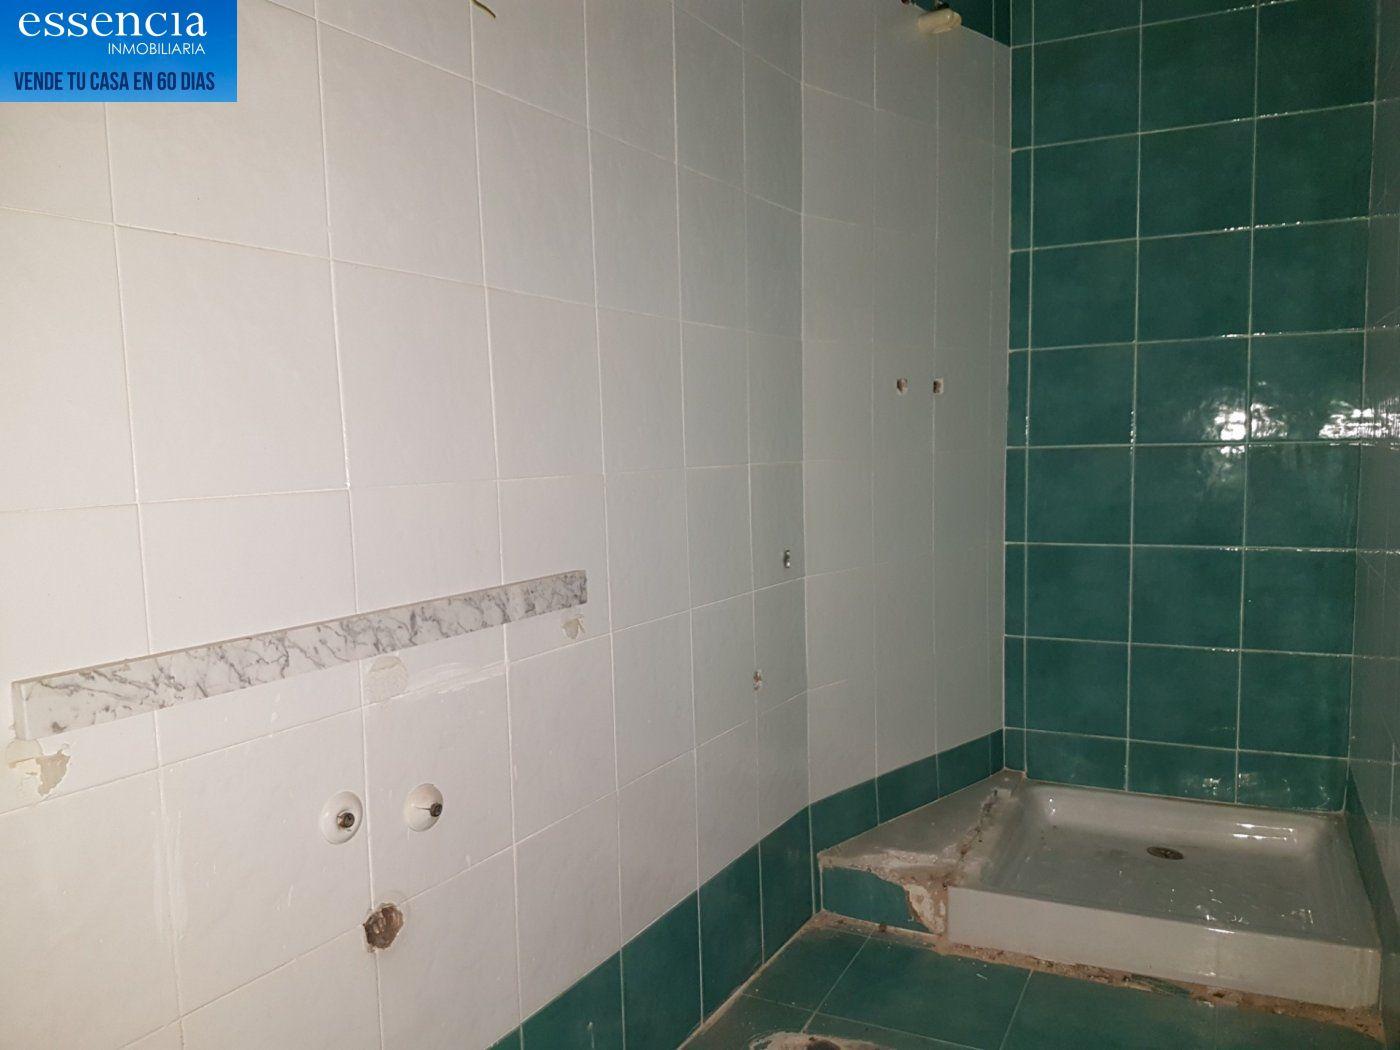 Piso en entresuelo de 2 dormitorios y 1 baño con patio - imagenInmueble22